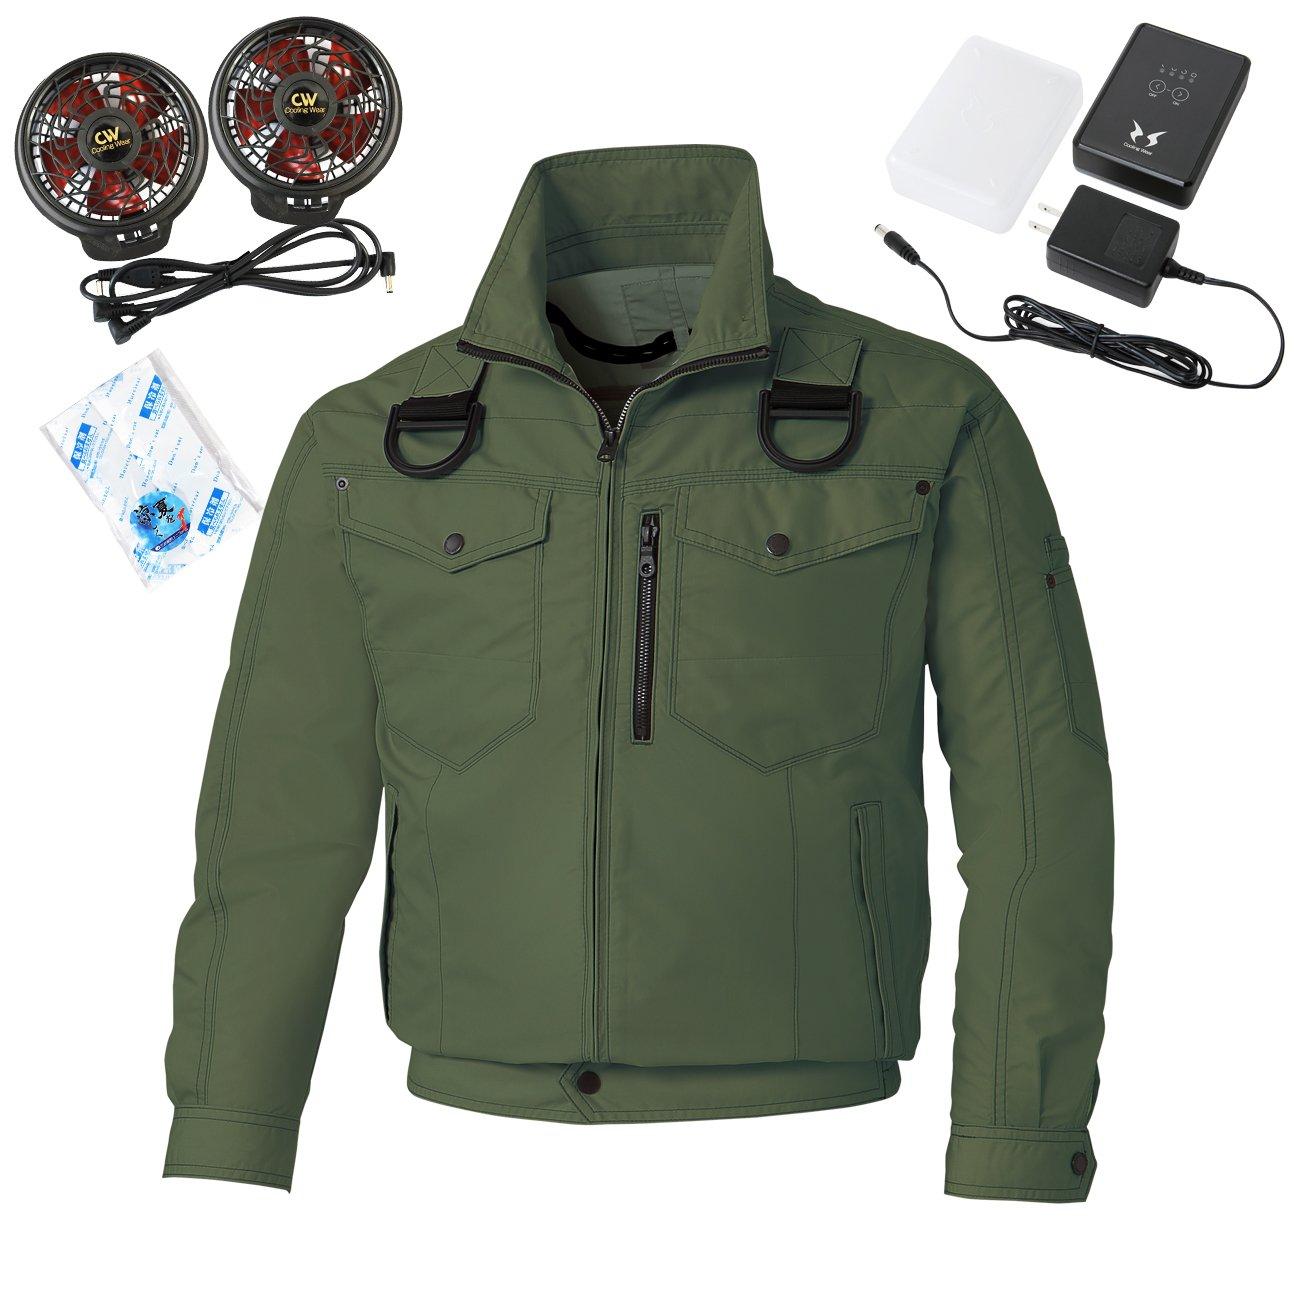 5L|47-ディープグリーン 空調風神服 サンエス フルハーネス用ブルゾン(2018年新型ハイパワーファン+日本製リチウムイオンバッテリーセット/保冷剤2個付)<099-KU95104Fu-H> 47-ディープグリーン 空調服 B07CLJJMQX 作業服 5L